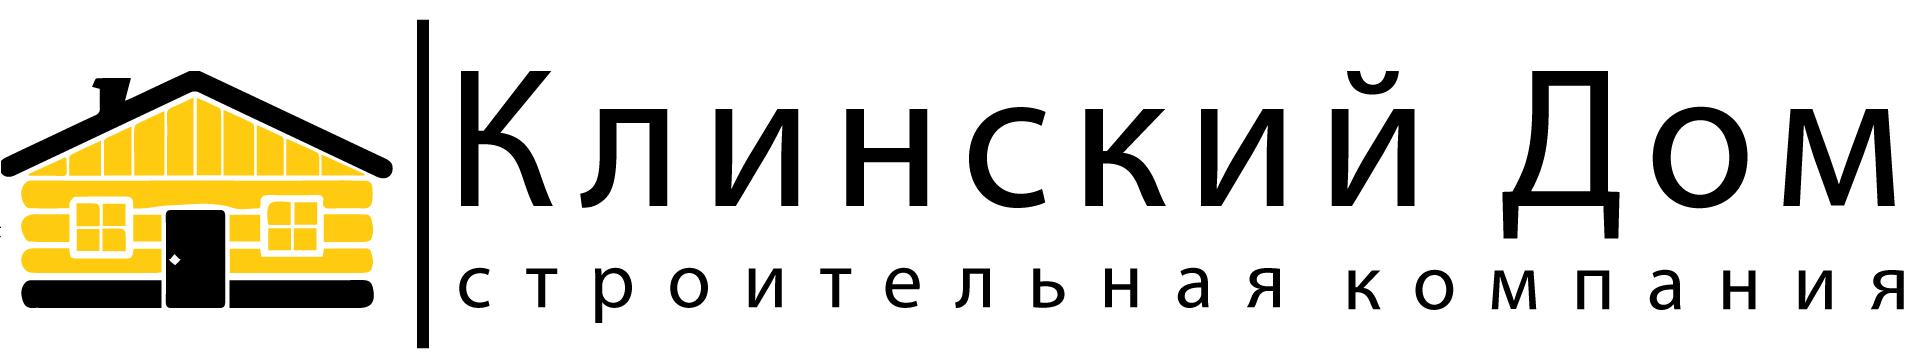 Клинский Дом — Строительство домов в Клинском районе МО